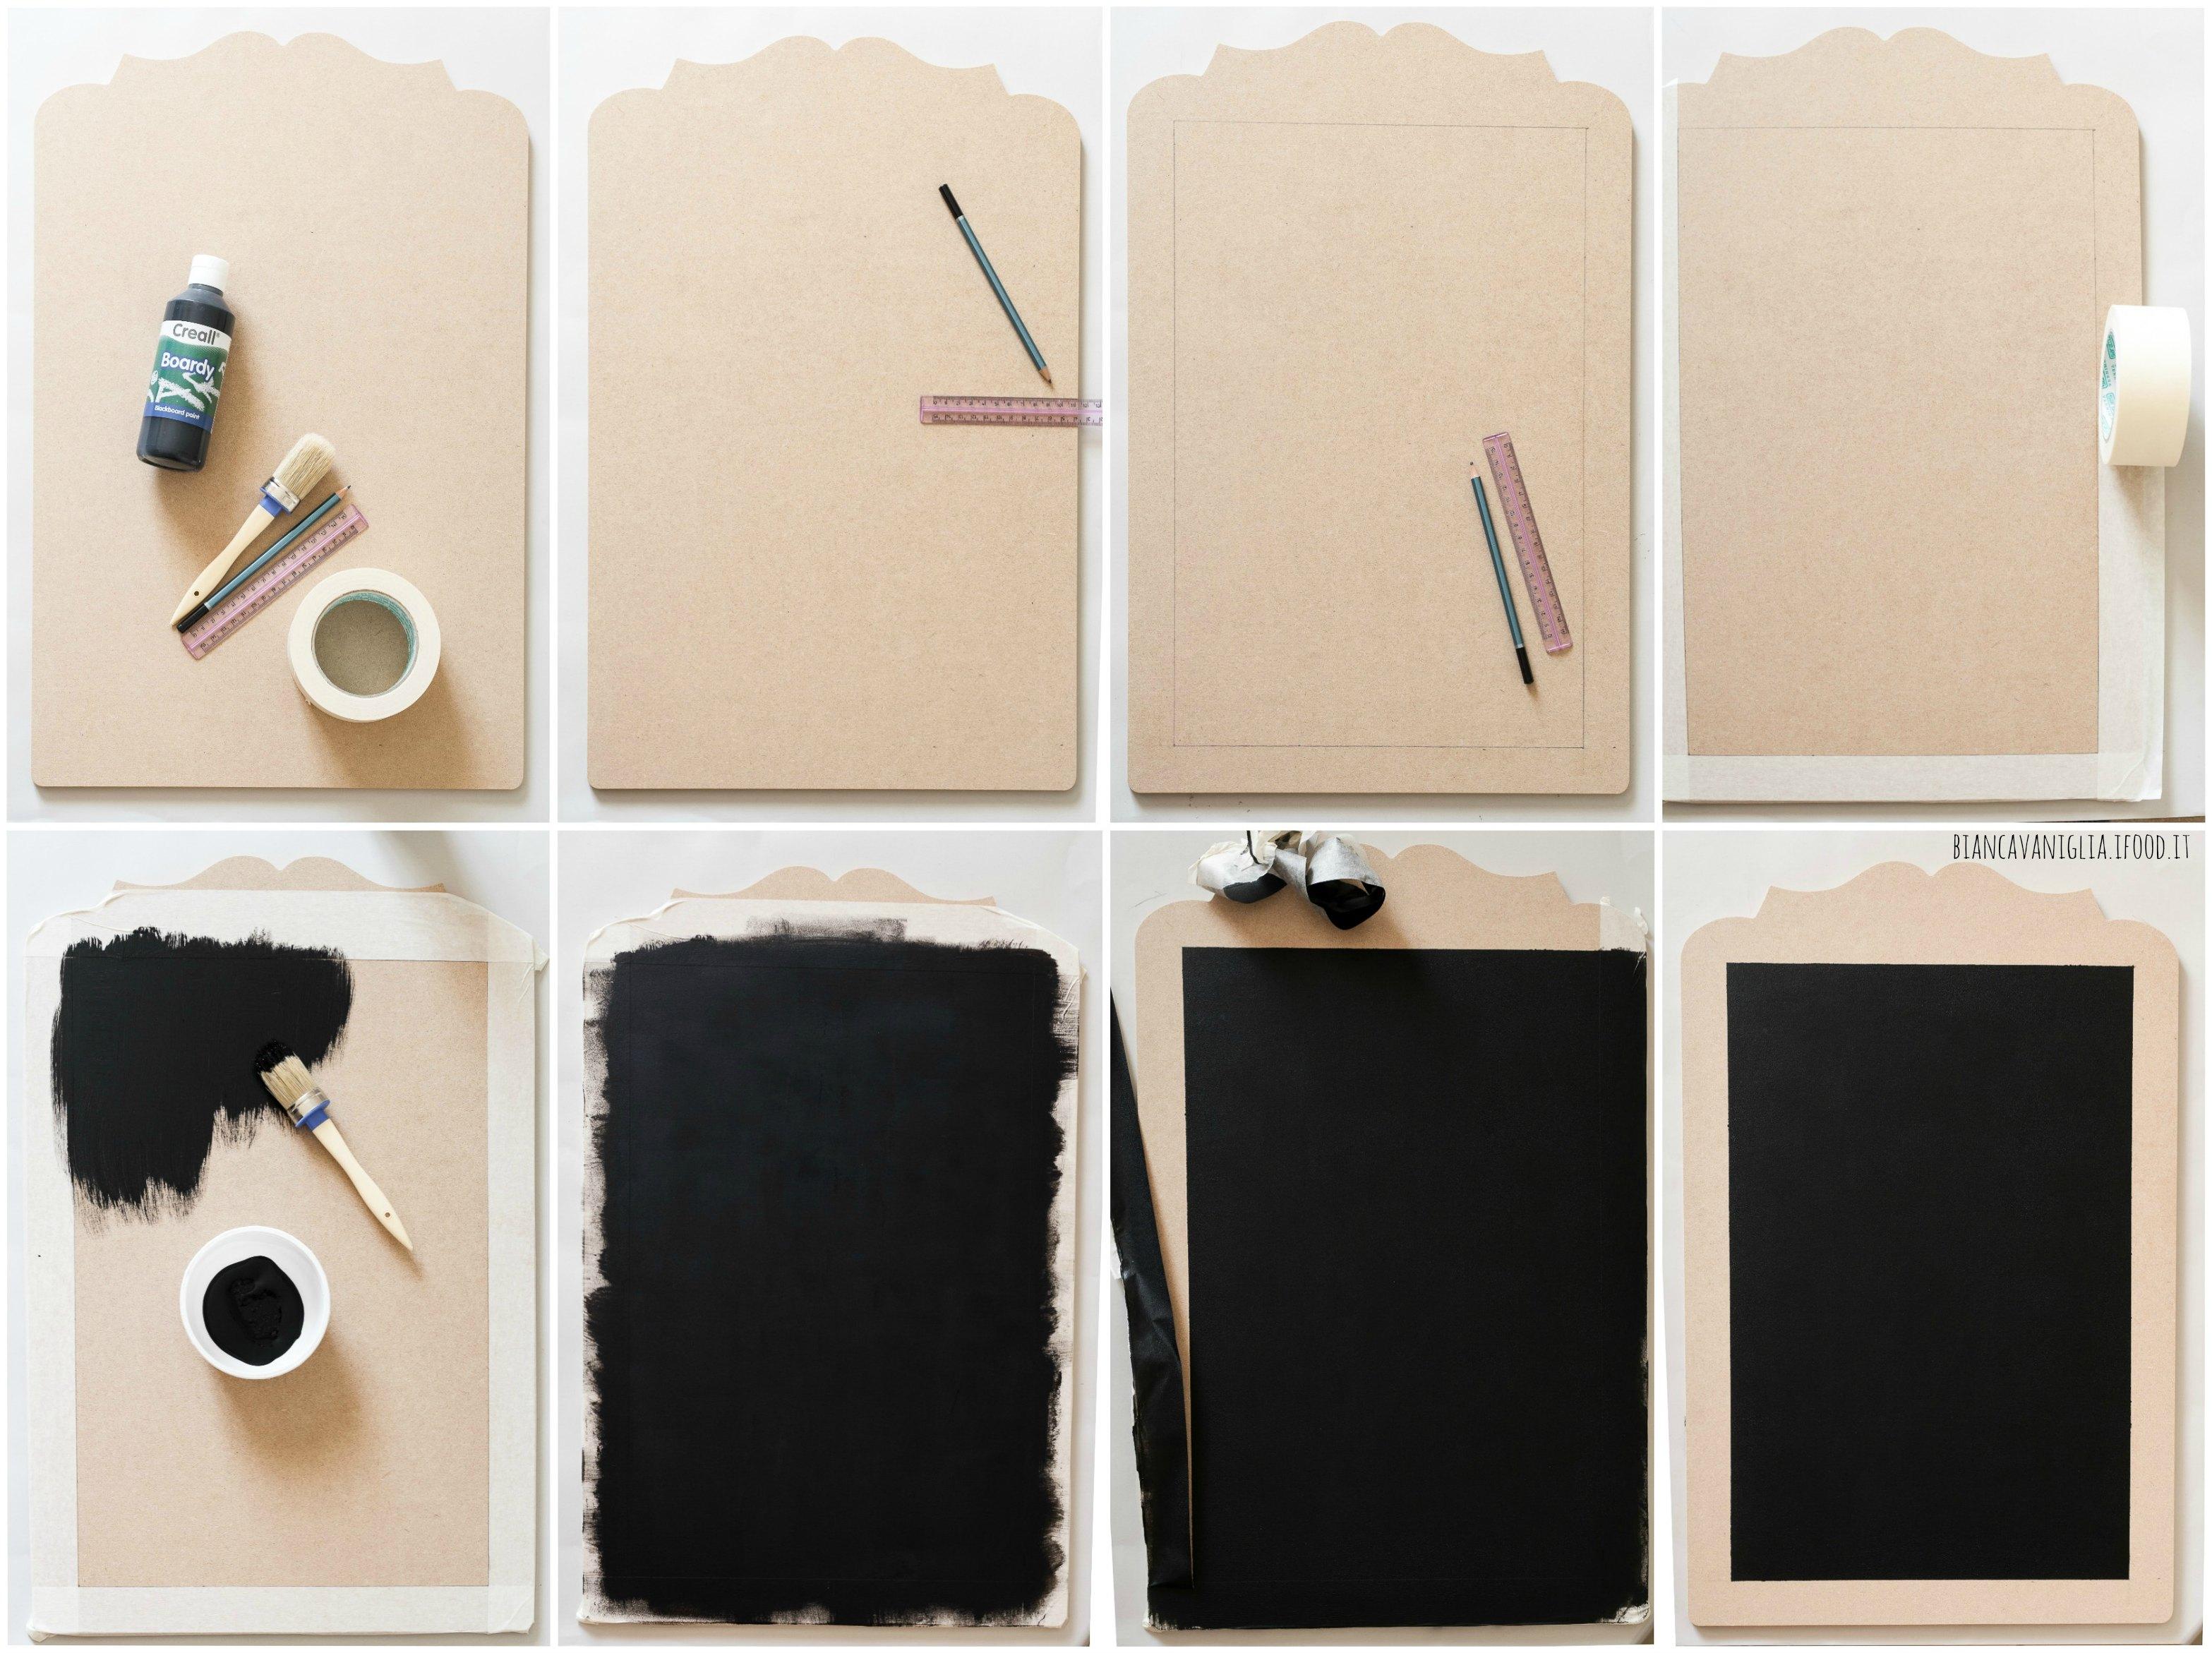 Relooker des objets avec de la peinture ardoise 20 - Lavagnette per cucina ...